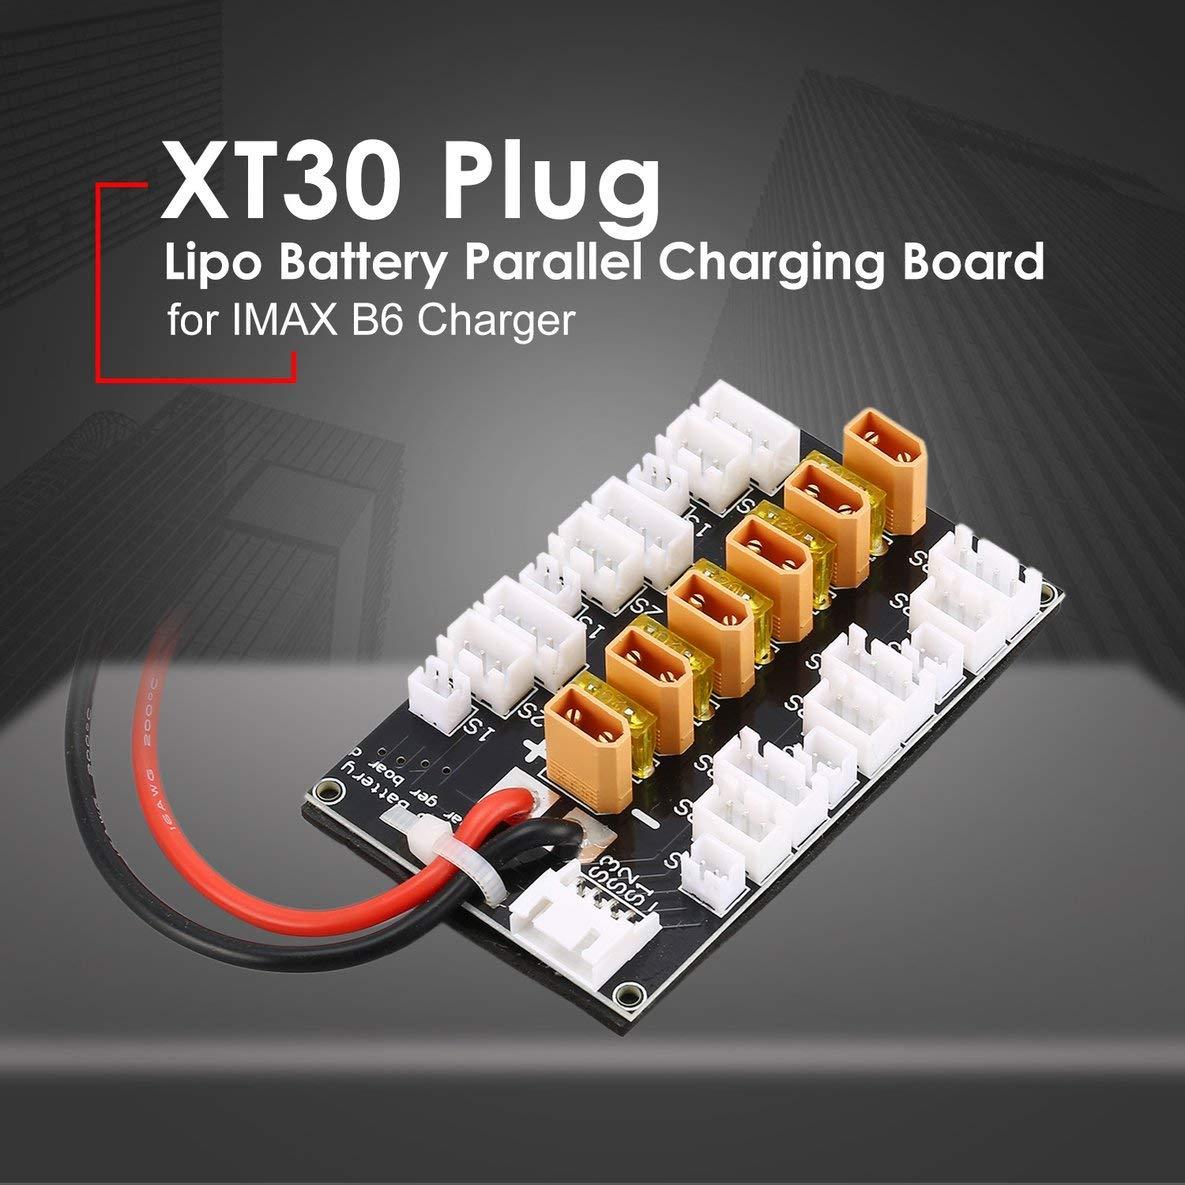 Rouku 6 Paquetes XT30 1S-3S 20A XT30 Plug Lipo Bater/ía Placa de Carga paralela para Cargador B6 Car Drone Balance Equilibrio Parte de Carga